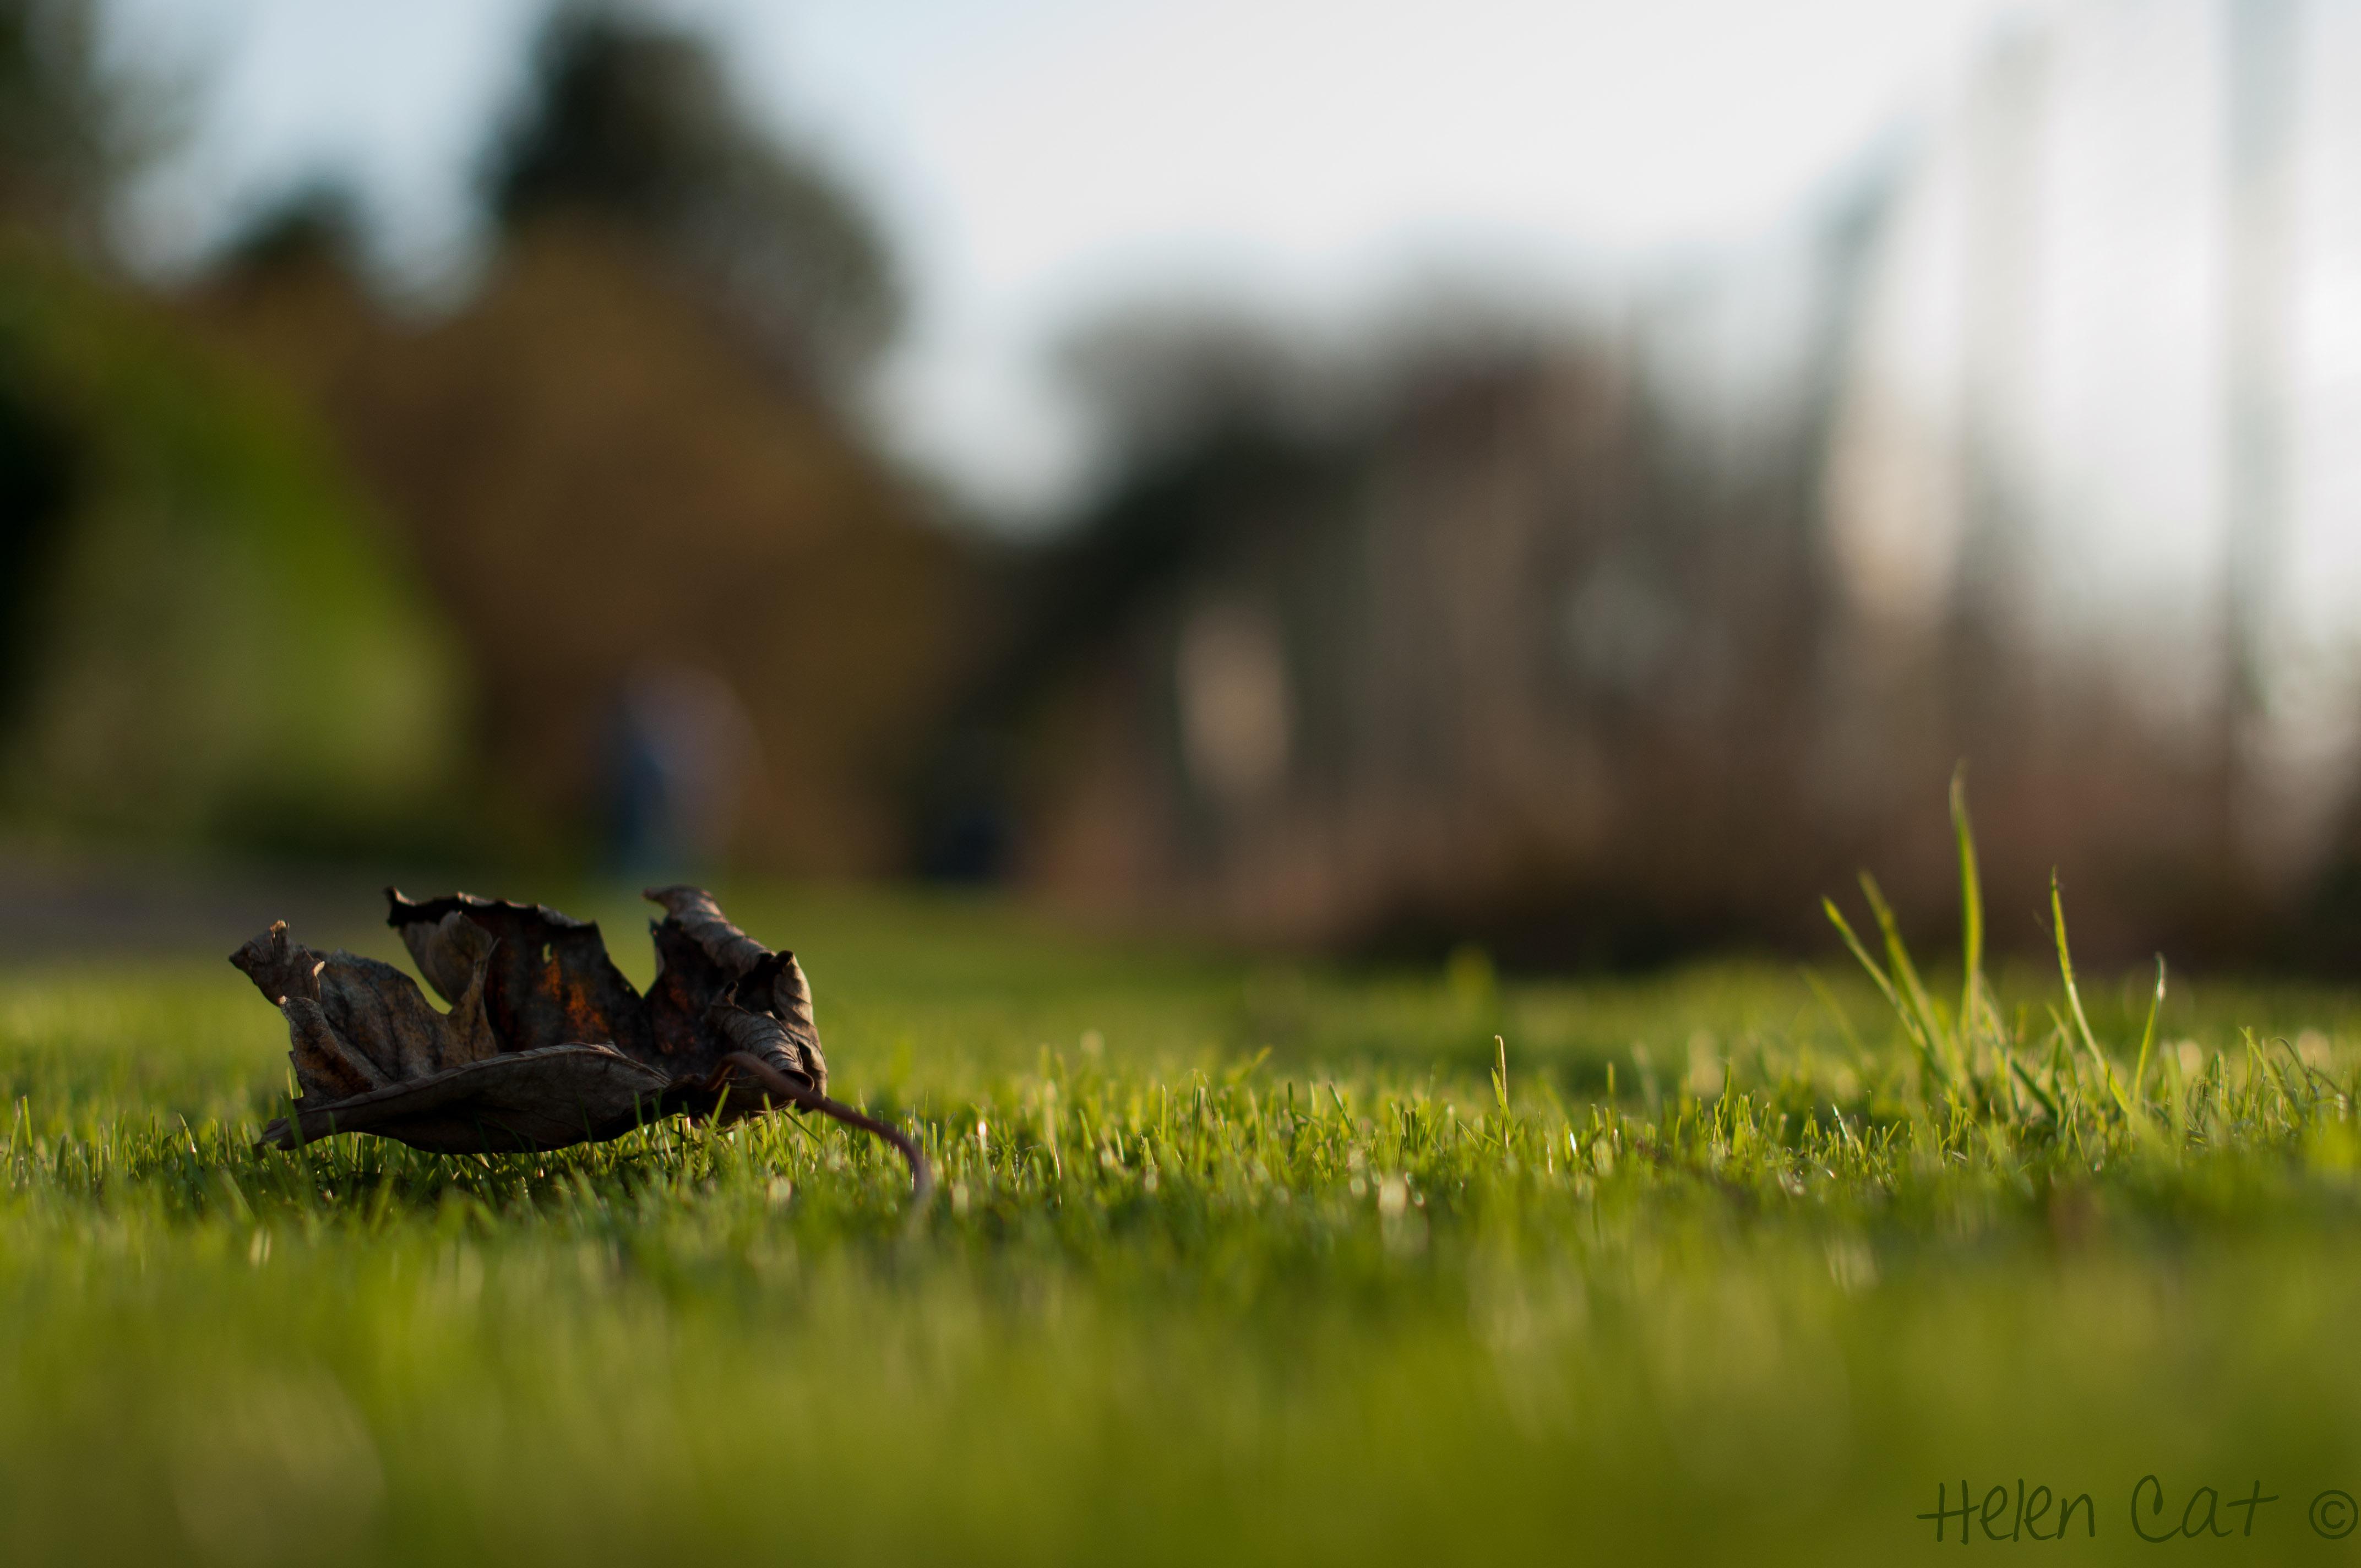 лужайка зелень трава фокус домик машинка скачать